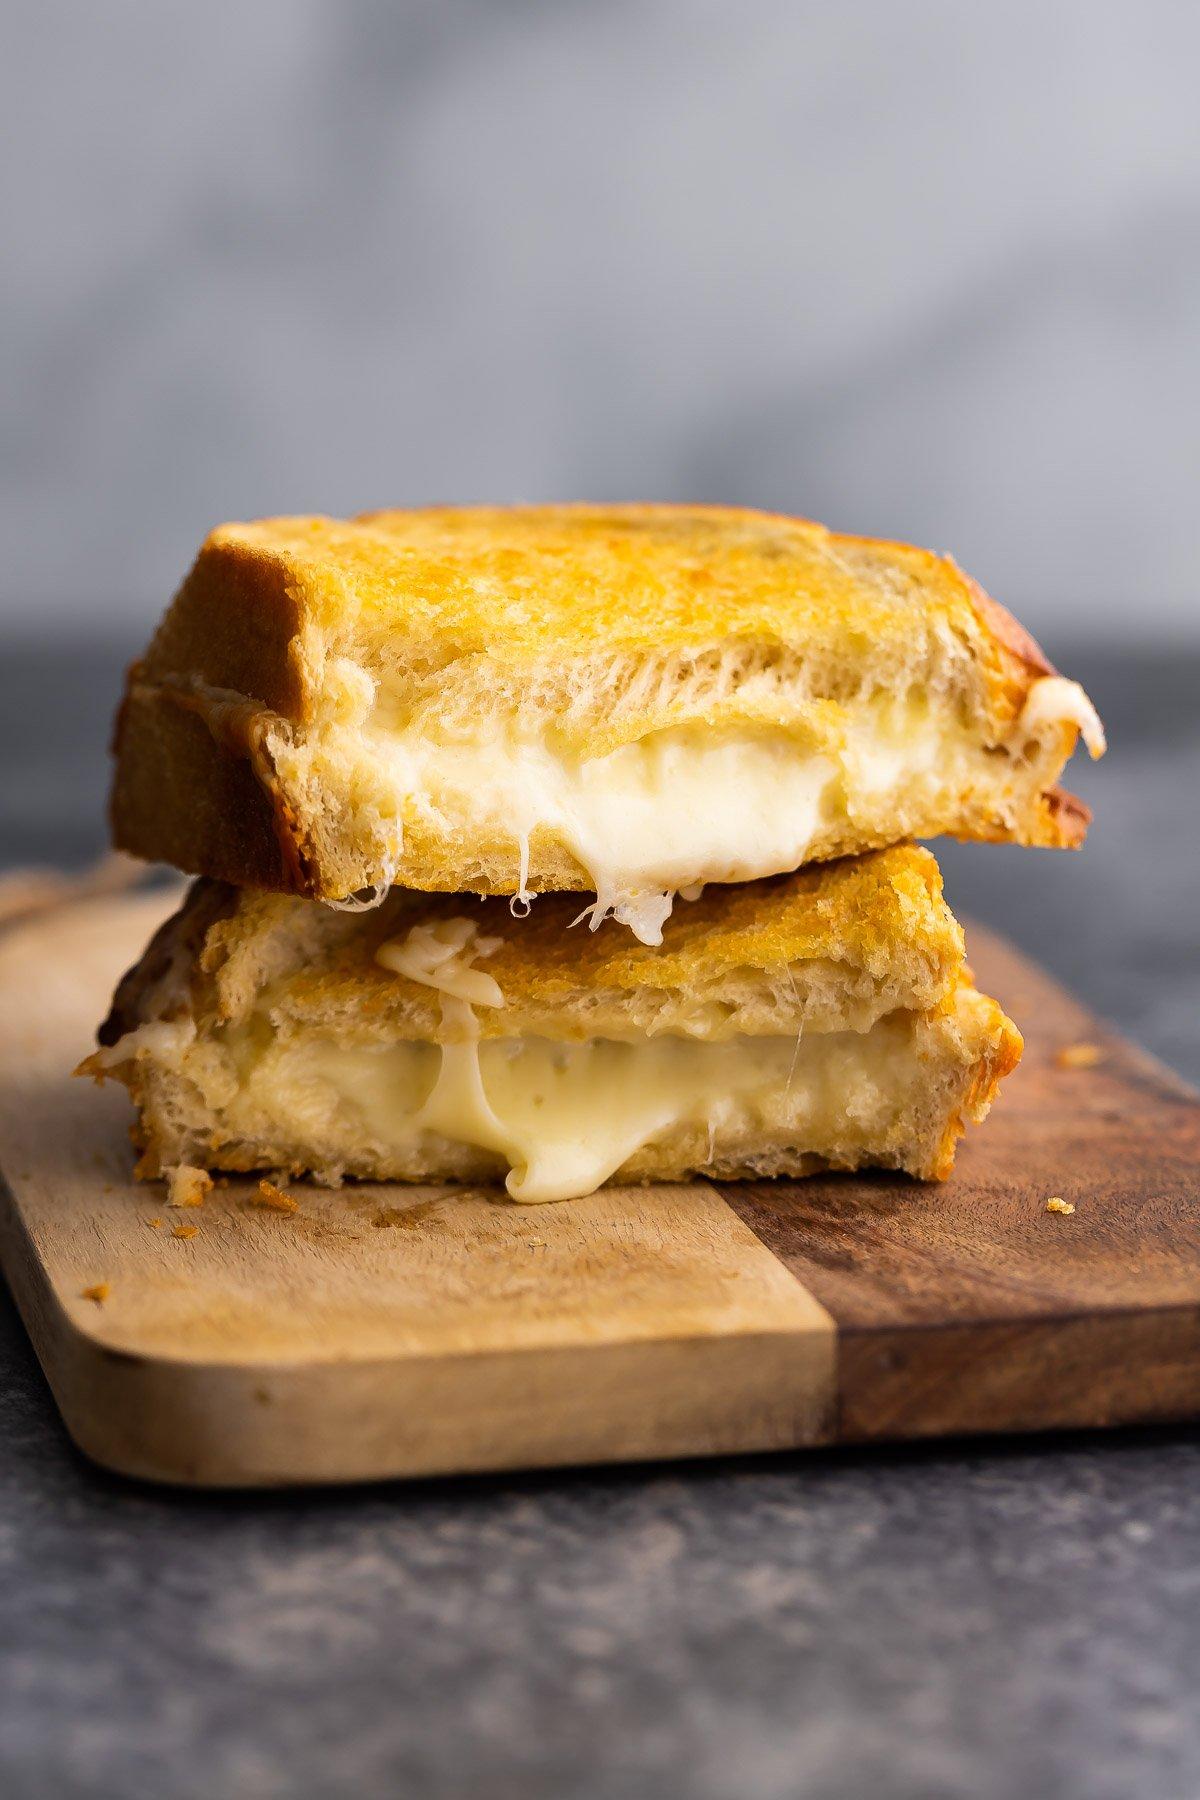 ızgara peynir, erimiş peyniri ortaya çıkaran kesme tahtası üzerine istiflenmiş